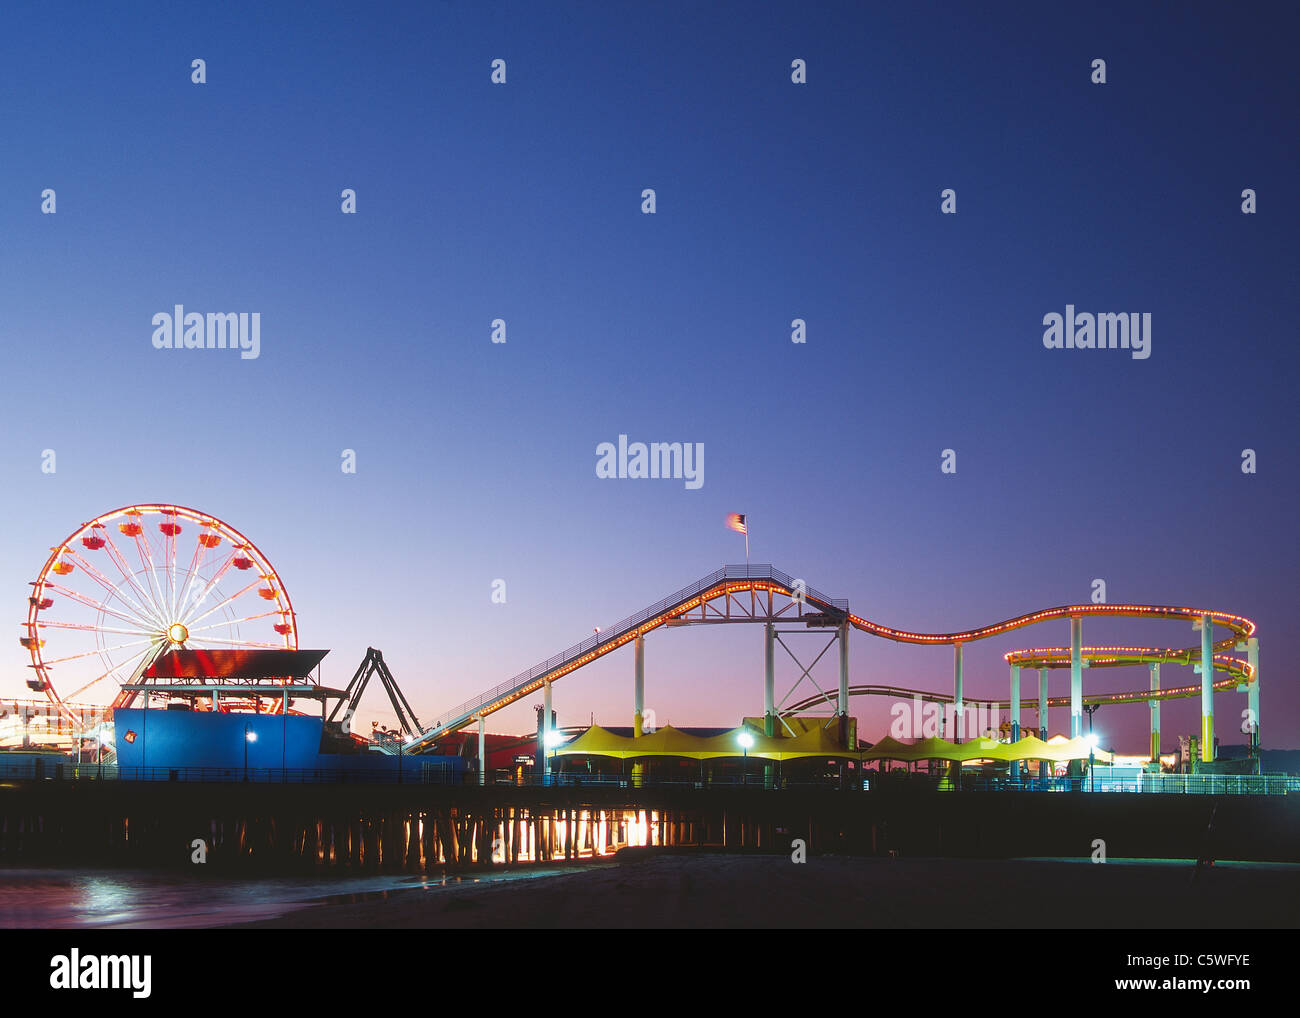 USA, Californie, Los Angeles, Vue du parc d'attractions sur la plage au soir Photo Stock